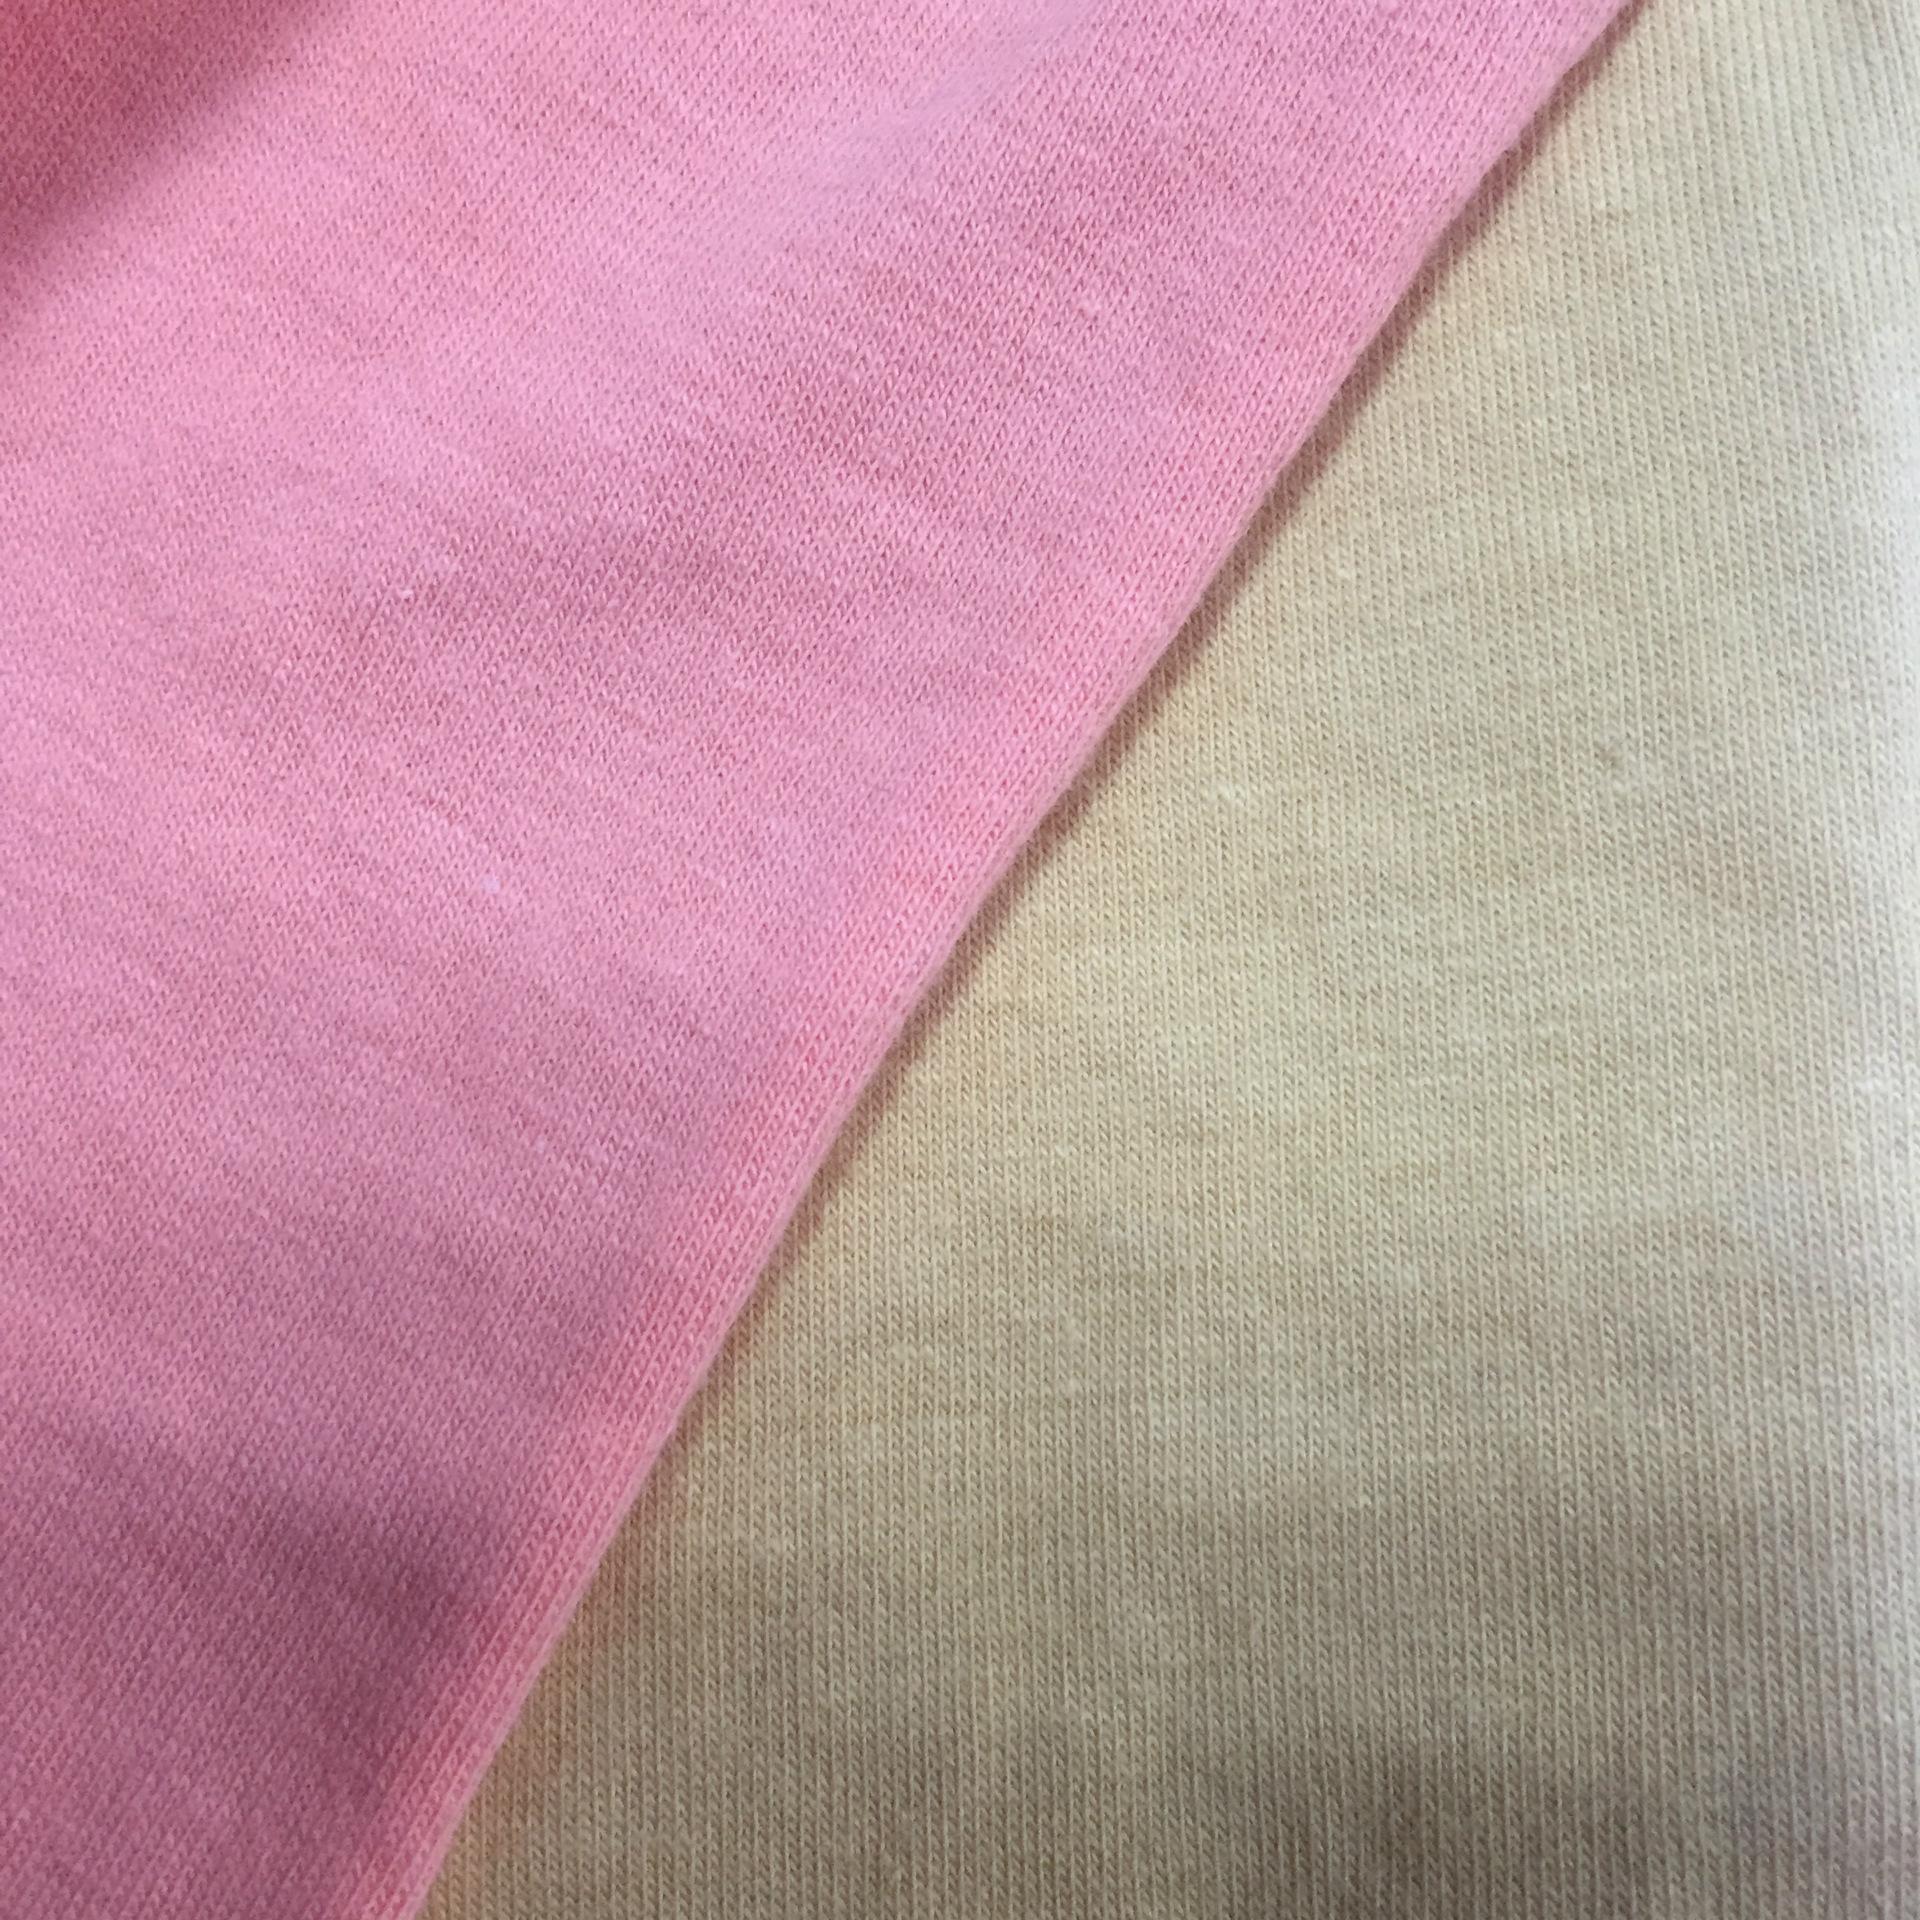 织布厂家 纯棉拉架40S+30D食毛精梳汗布高品质面料 奥代尔手感